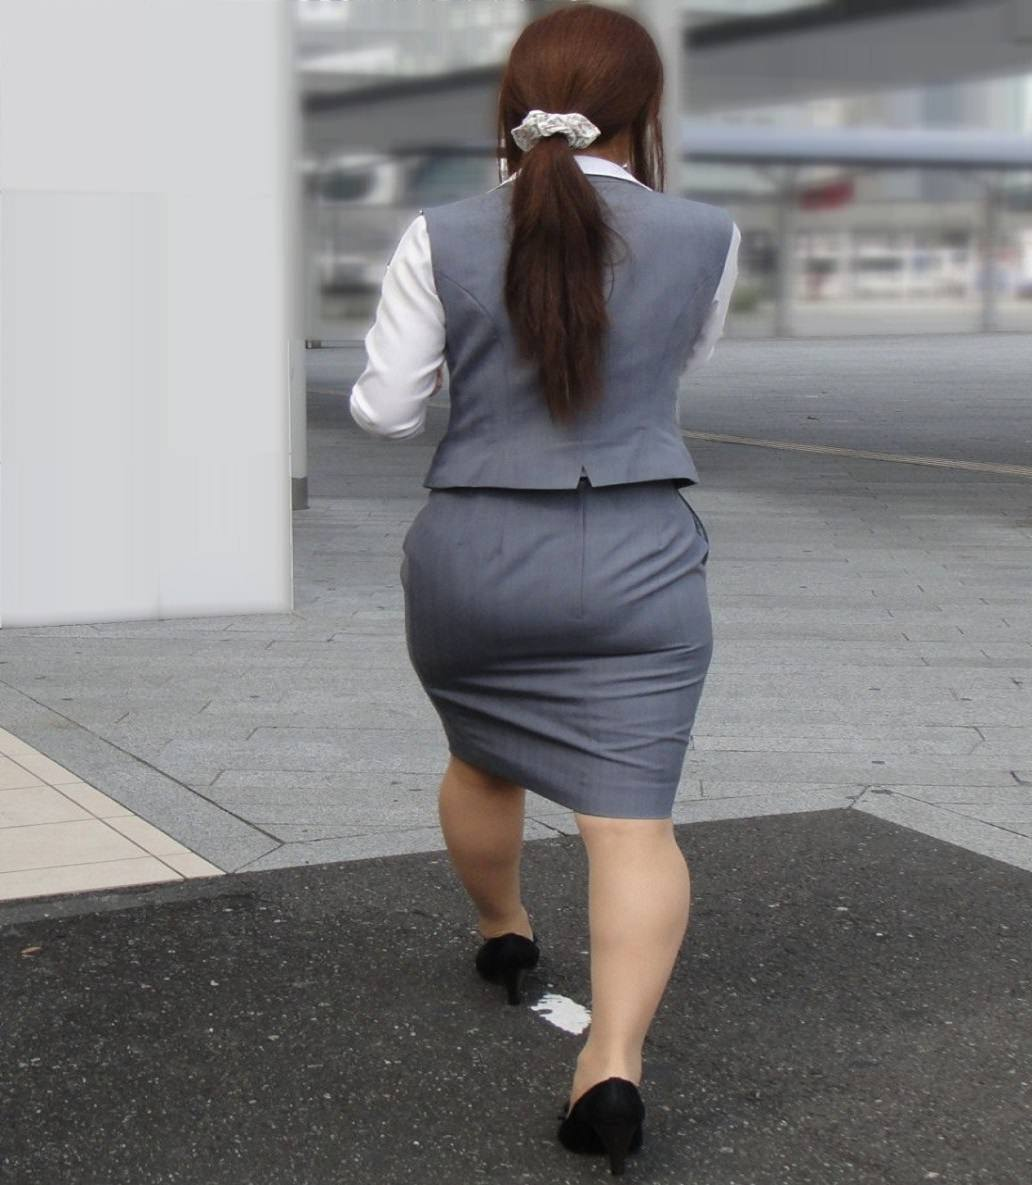 お尻の形が丸わかりなOLさんを尾行して街撮り盗撮www 3075